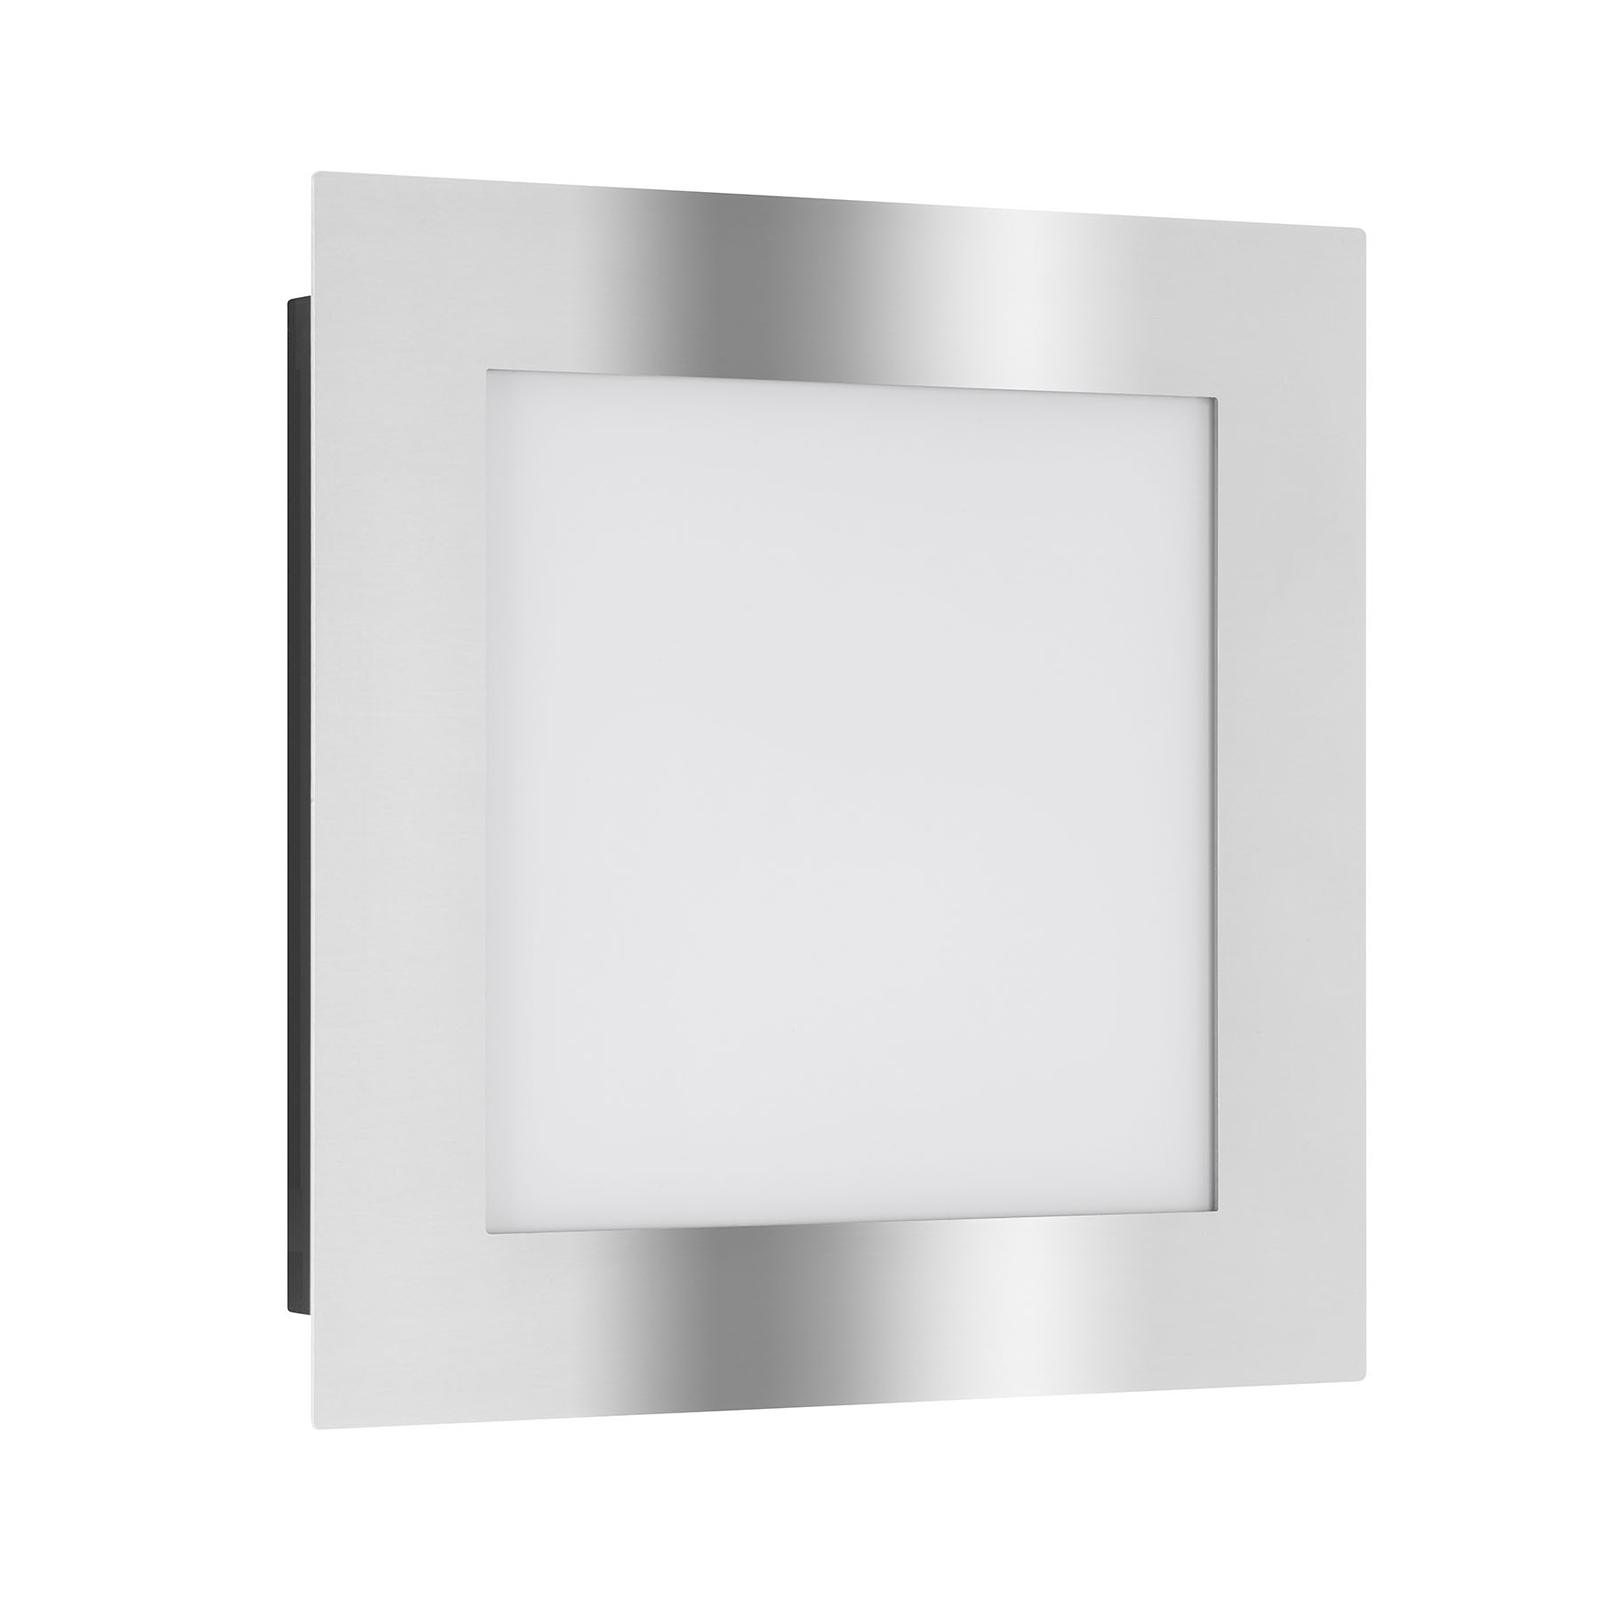 LED-vegglampe 3006 med bevegelsessensor